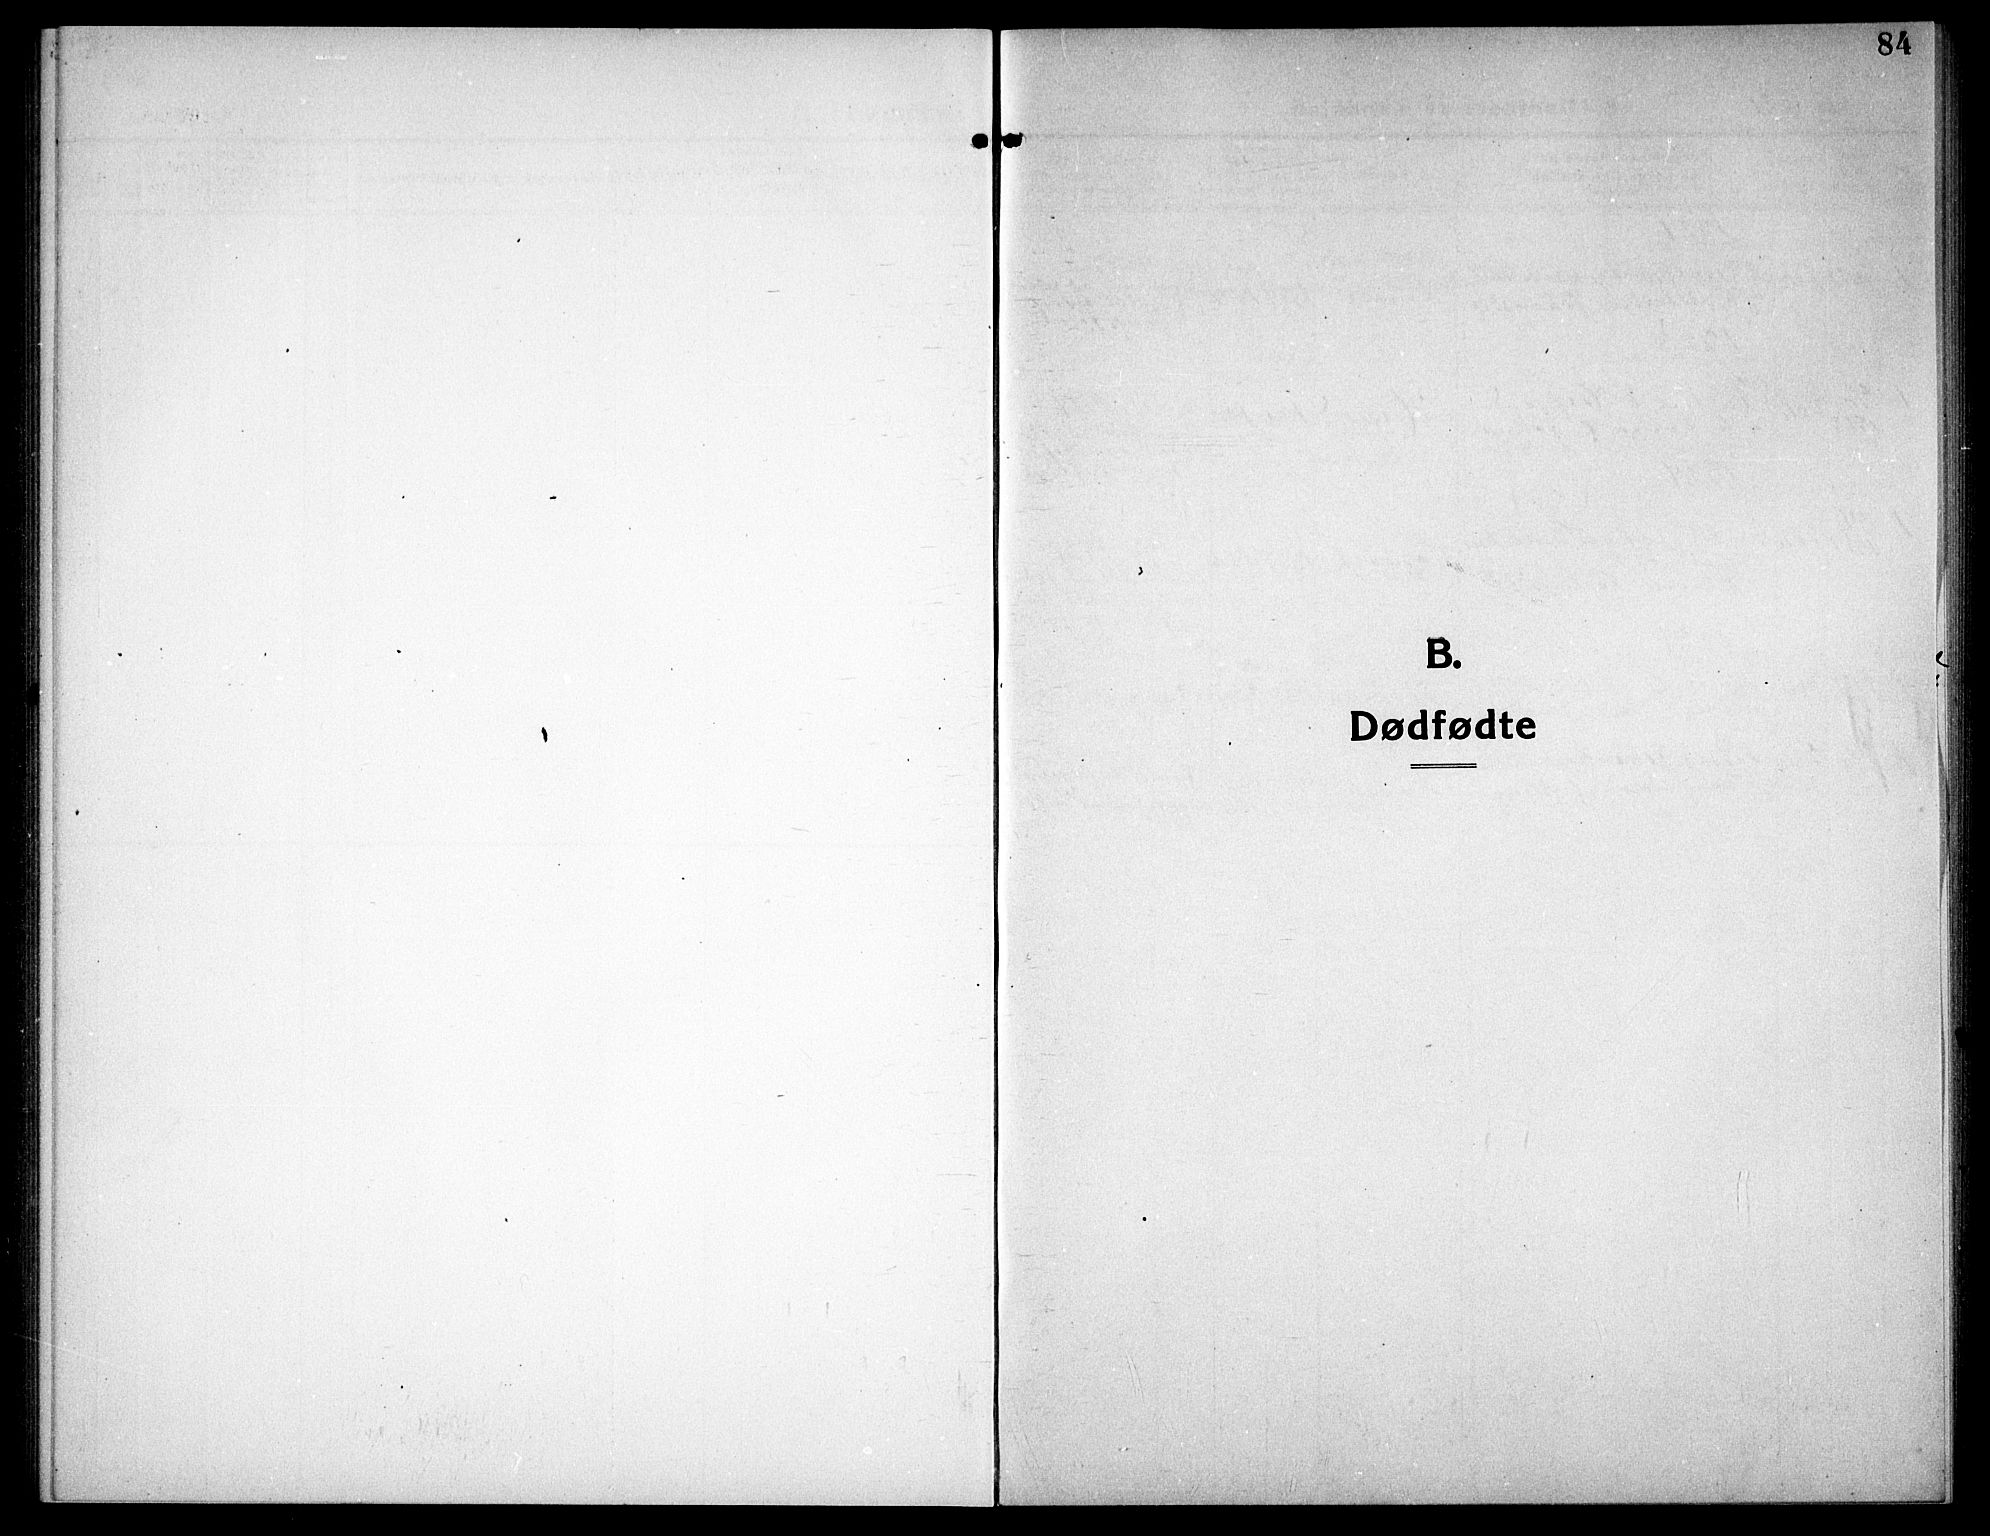 SAT, Ministerialprotokoller, klokkerbøker og fødselsregistre - Sør-Trøndelag, 656/L0696: Klokkerbok nr. 656C02, 1921-1937, s. 84